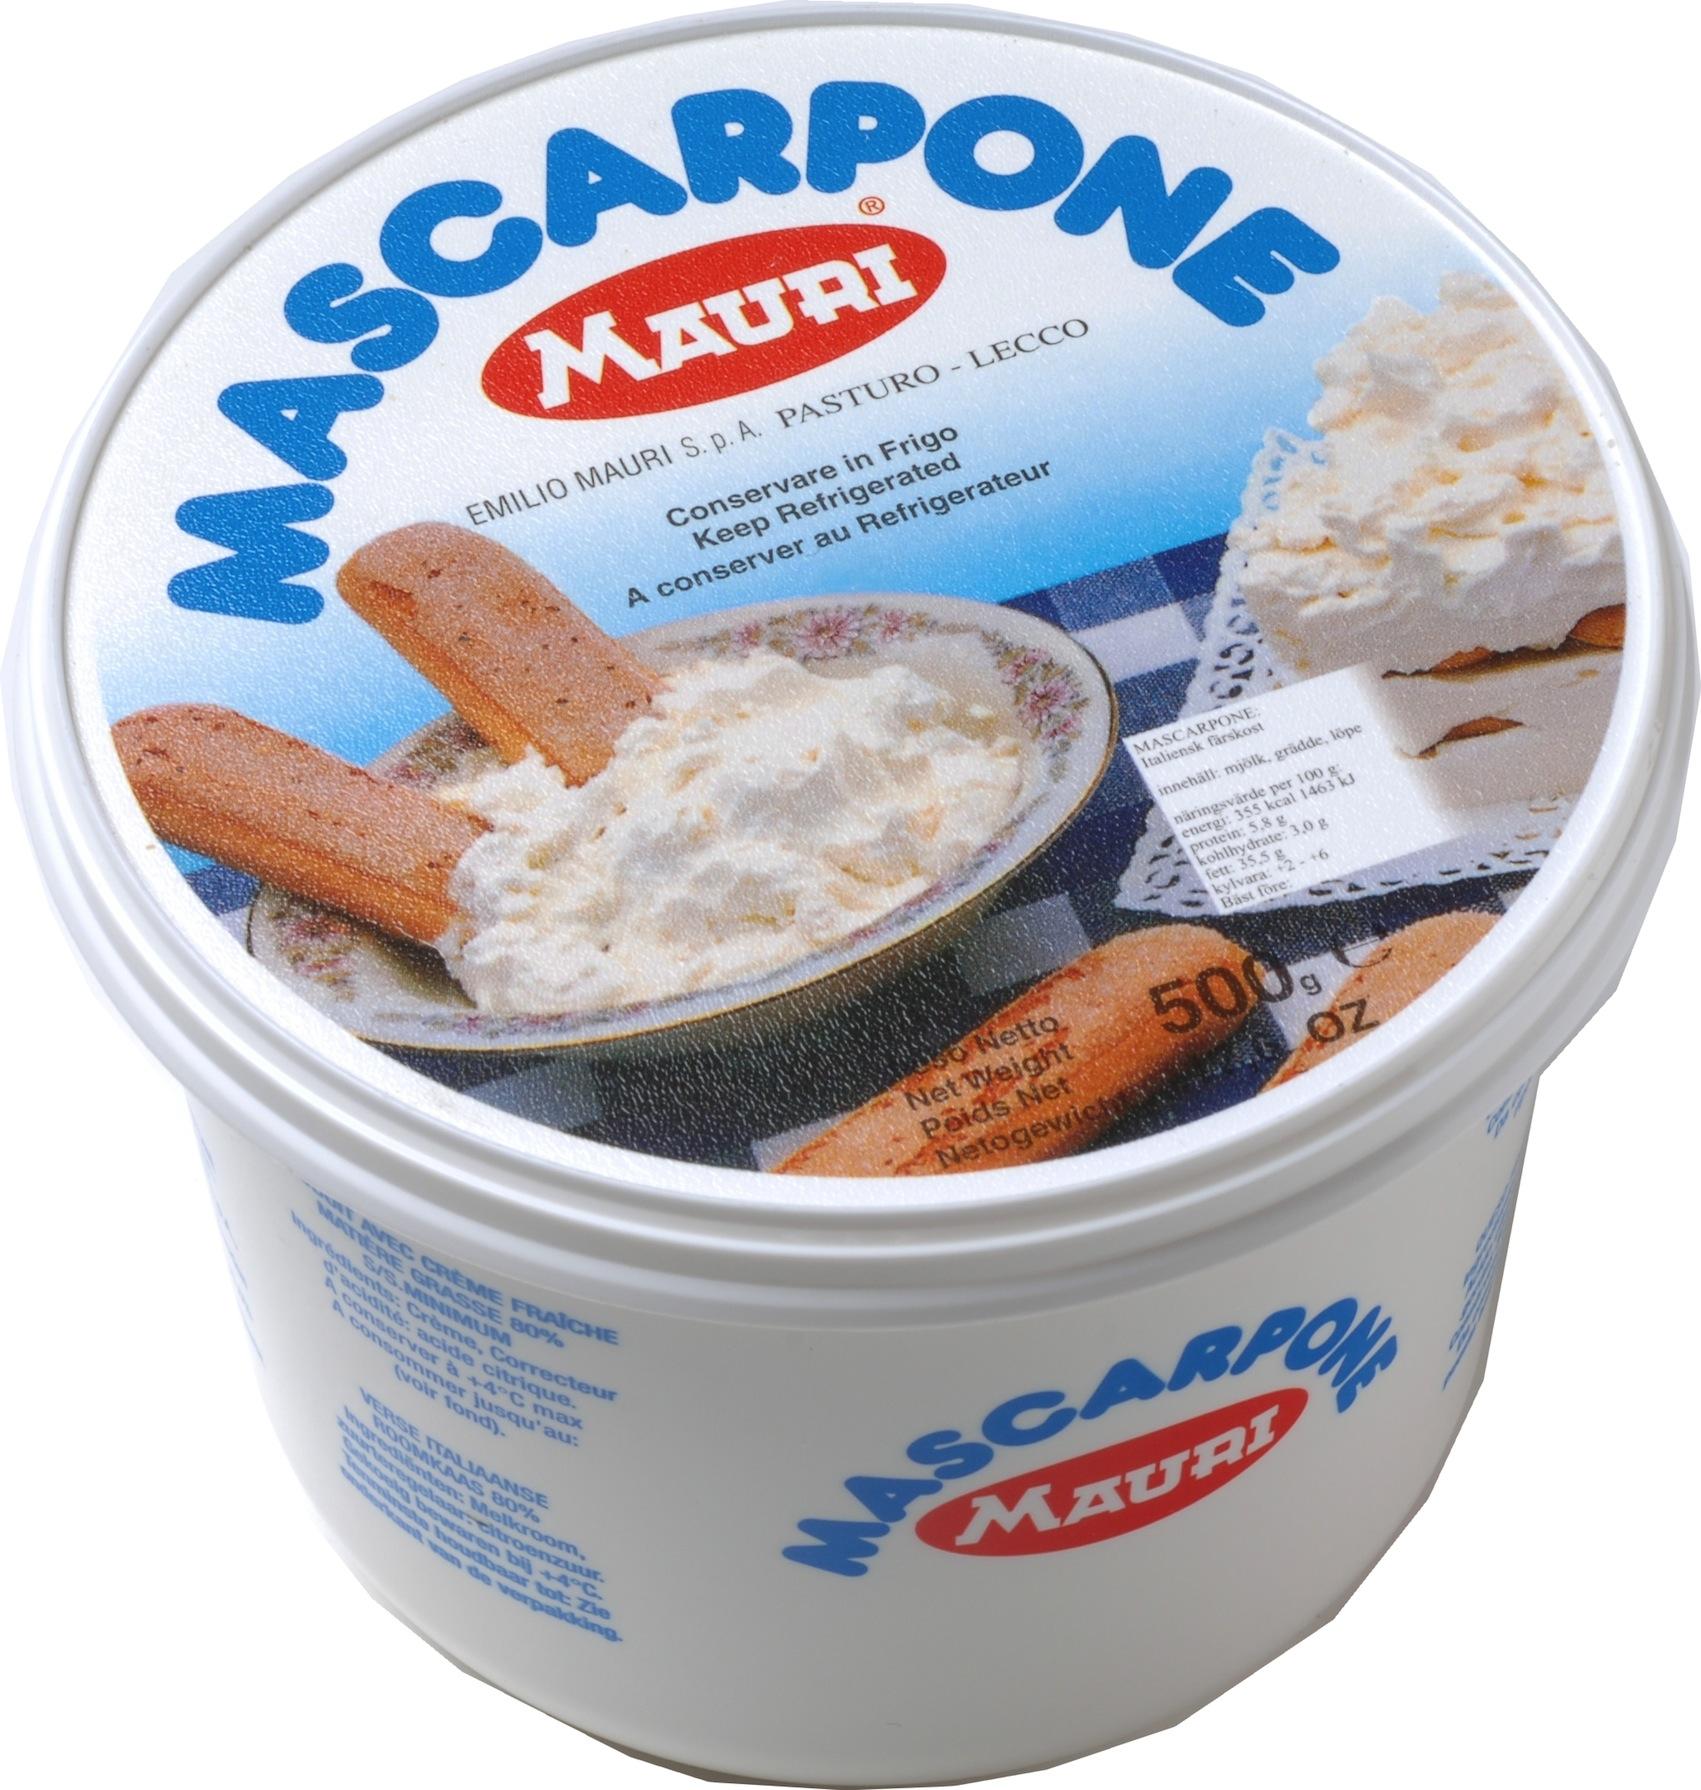 Mauri mascarpone